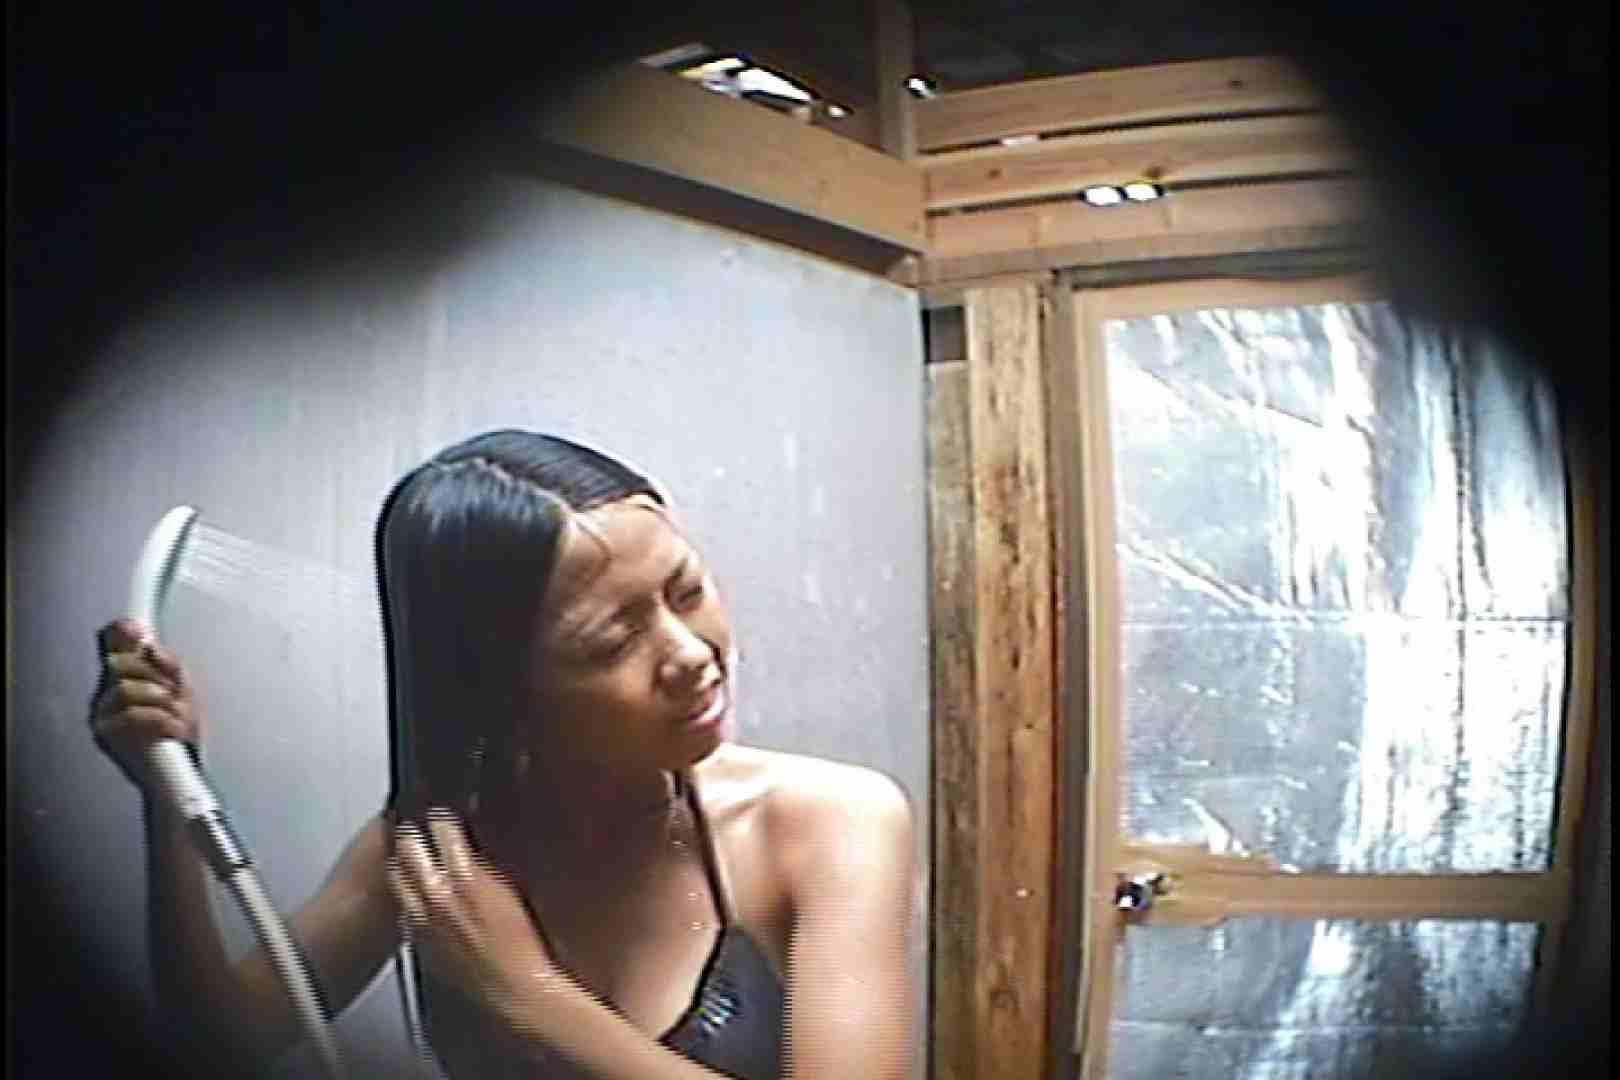 海の家の更衣室 Vol.45 シャワー中 | 美女達のヌード  64連発 34